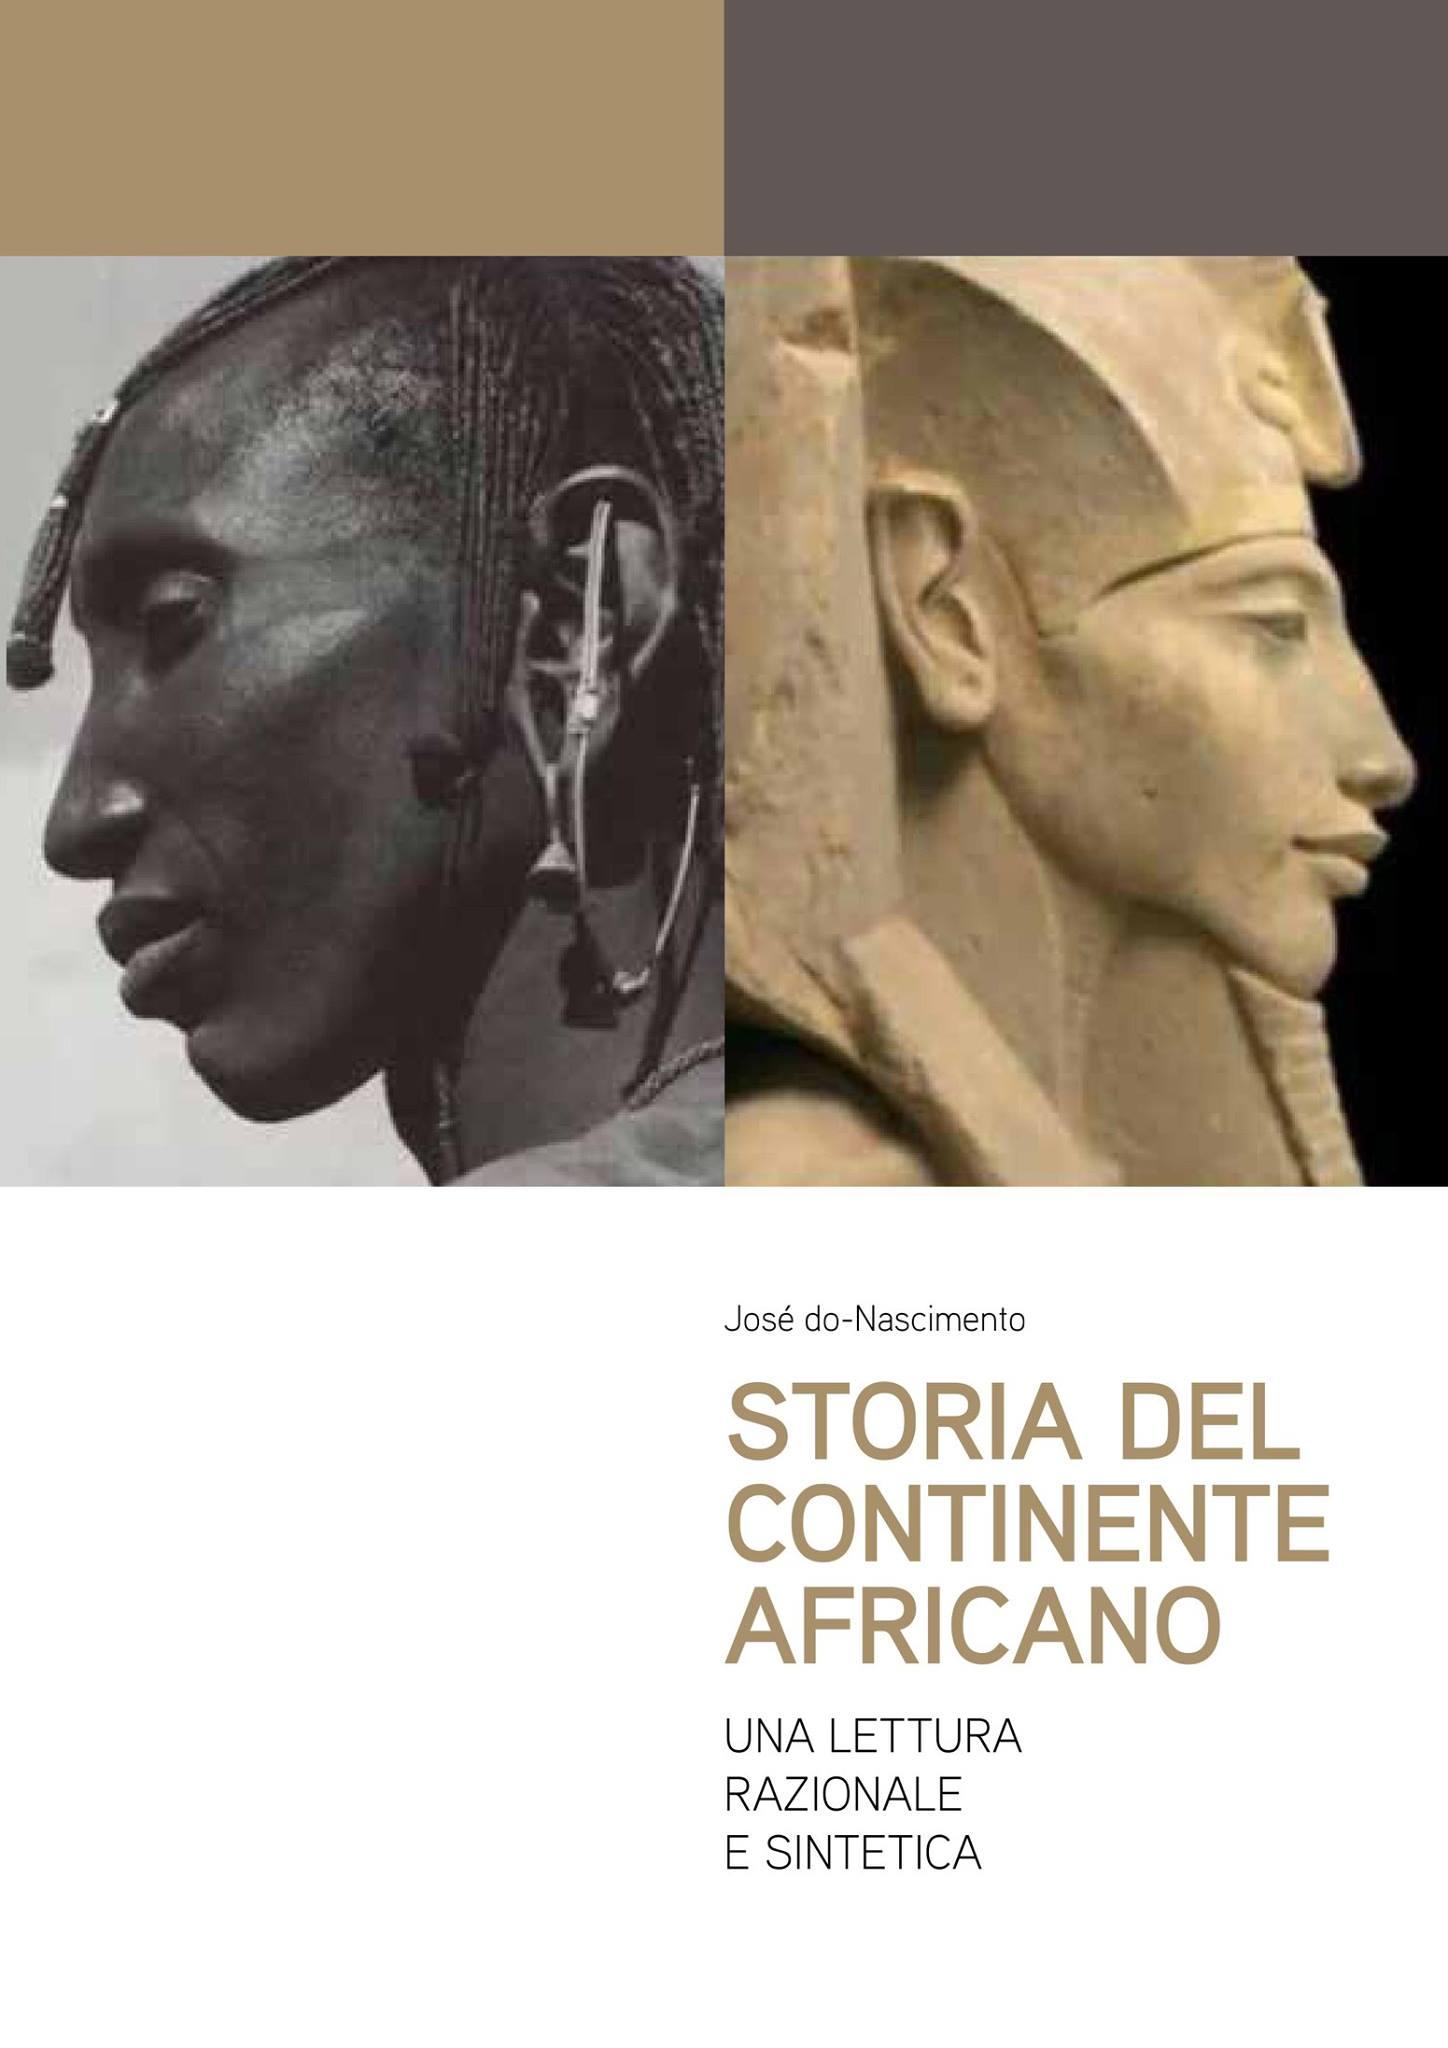 storia_del_continente_africano_jose_de_nascimento